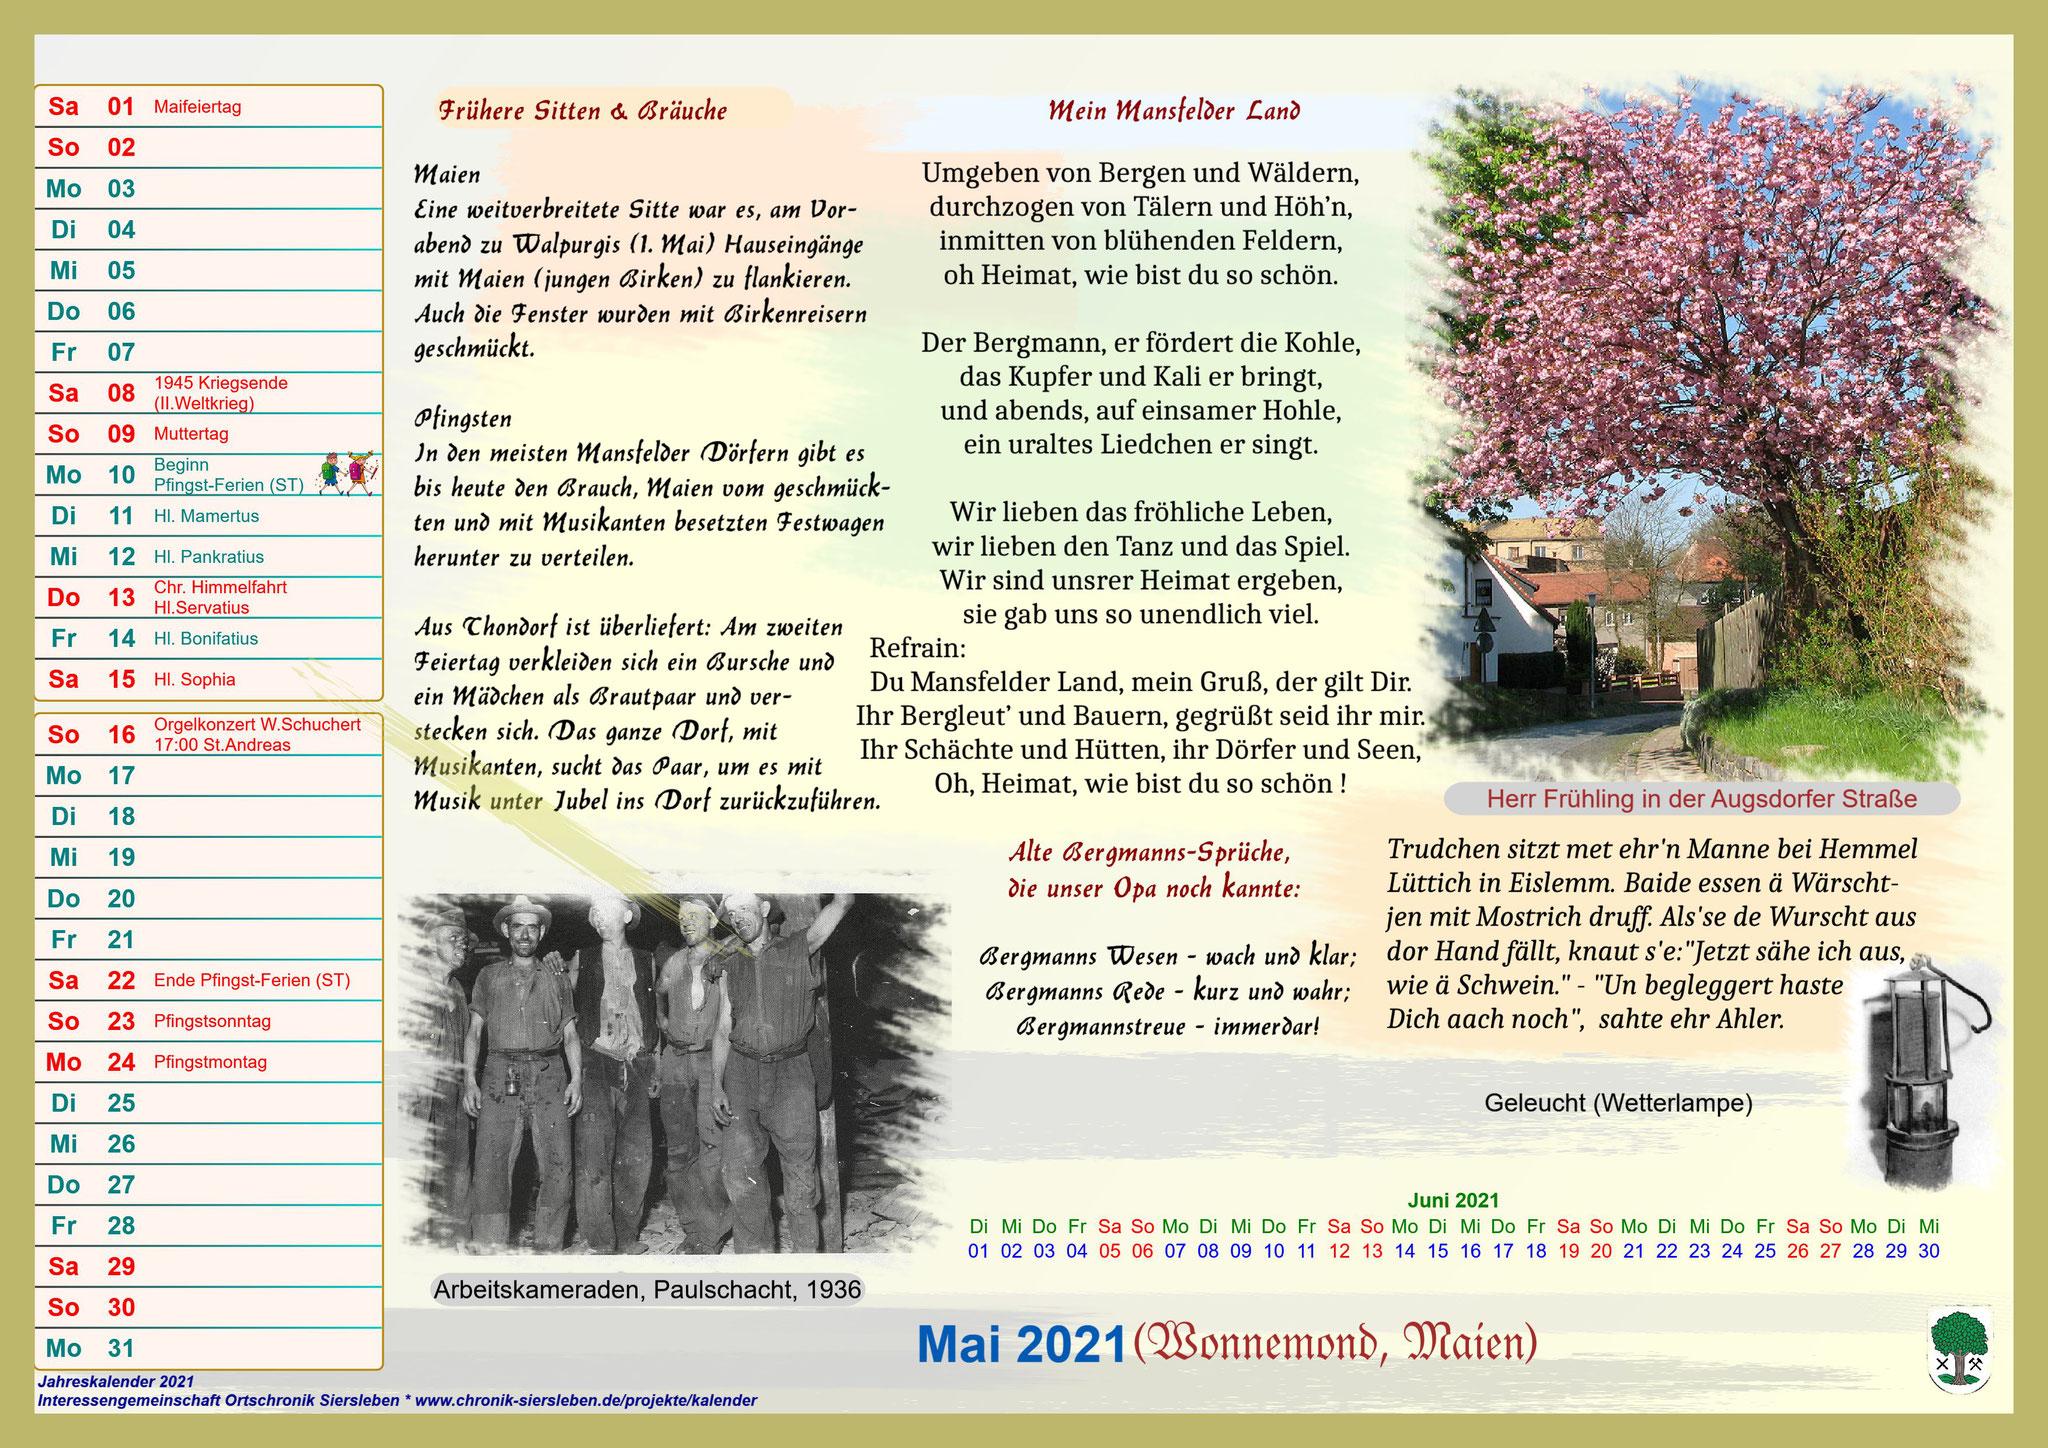 Jahreskalender 2021; Mai